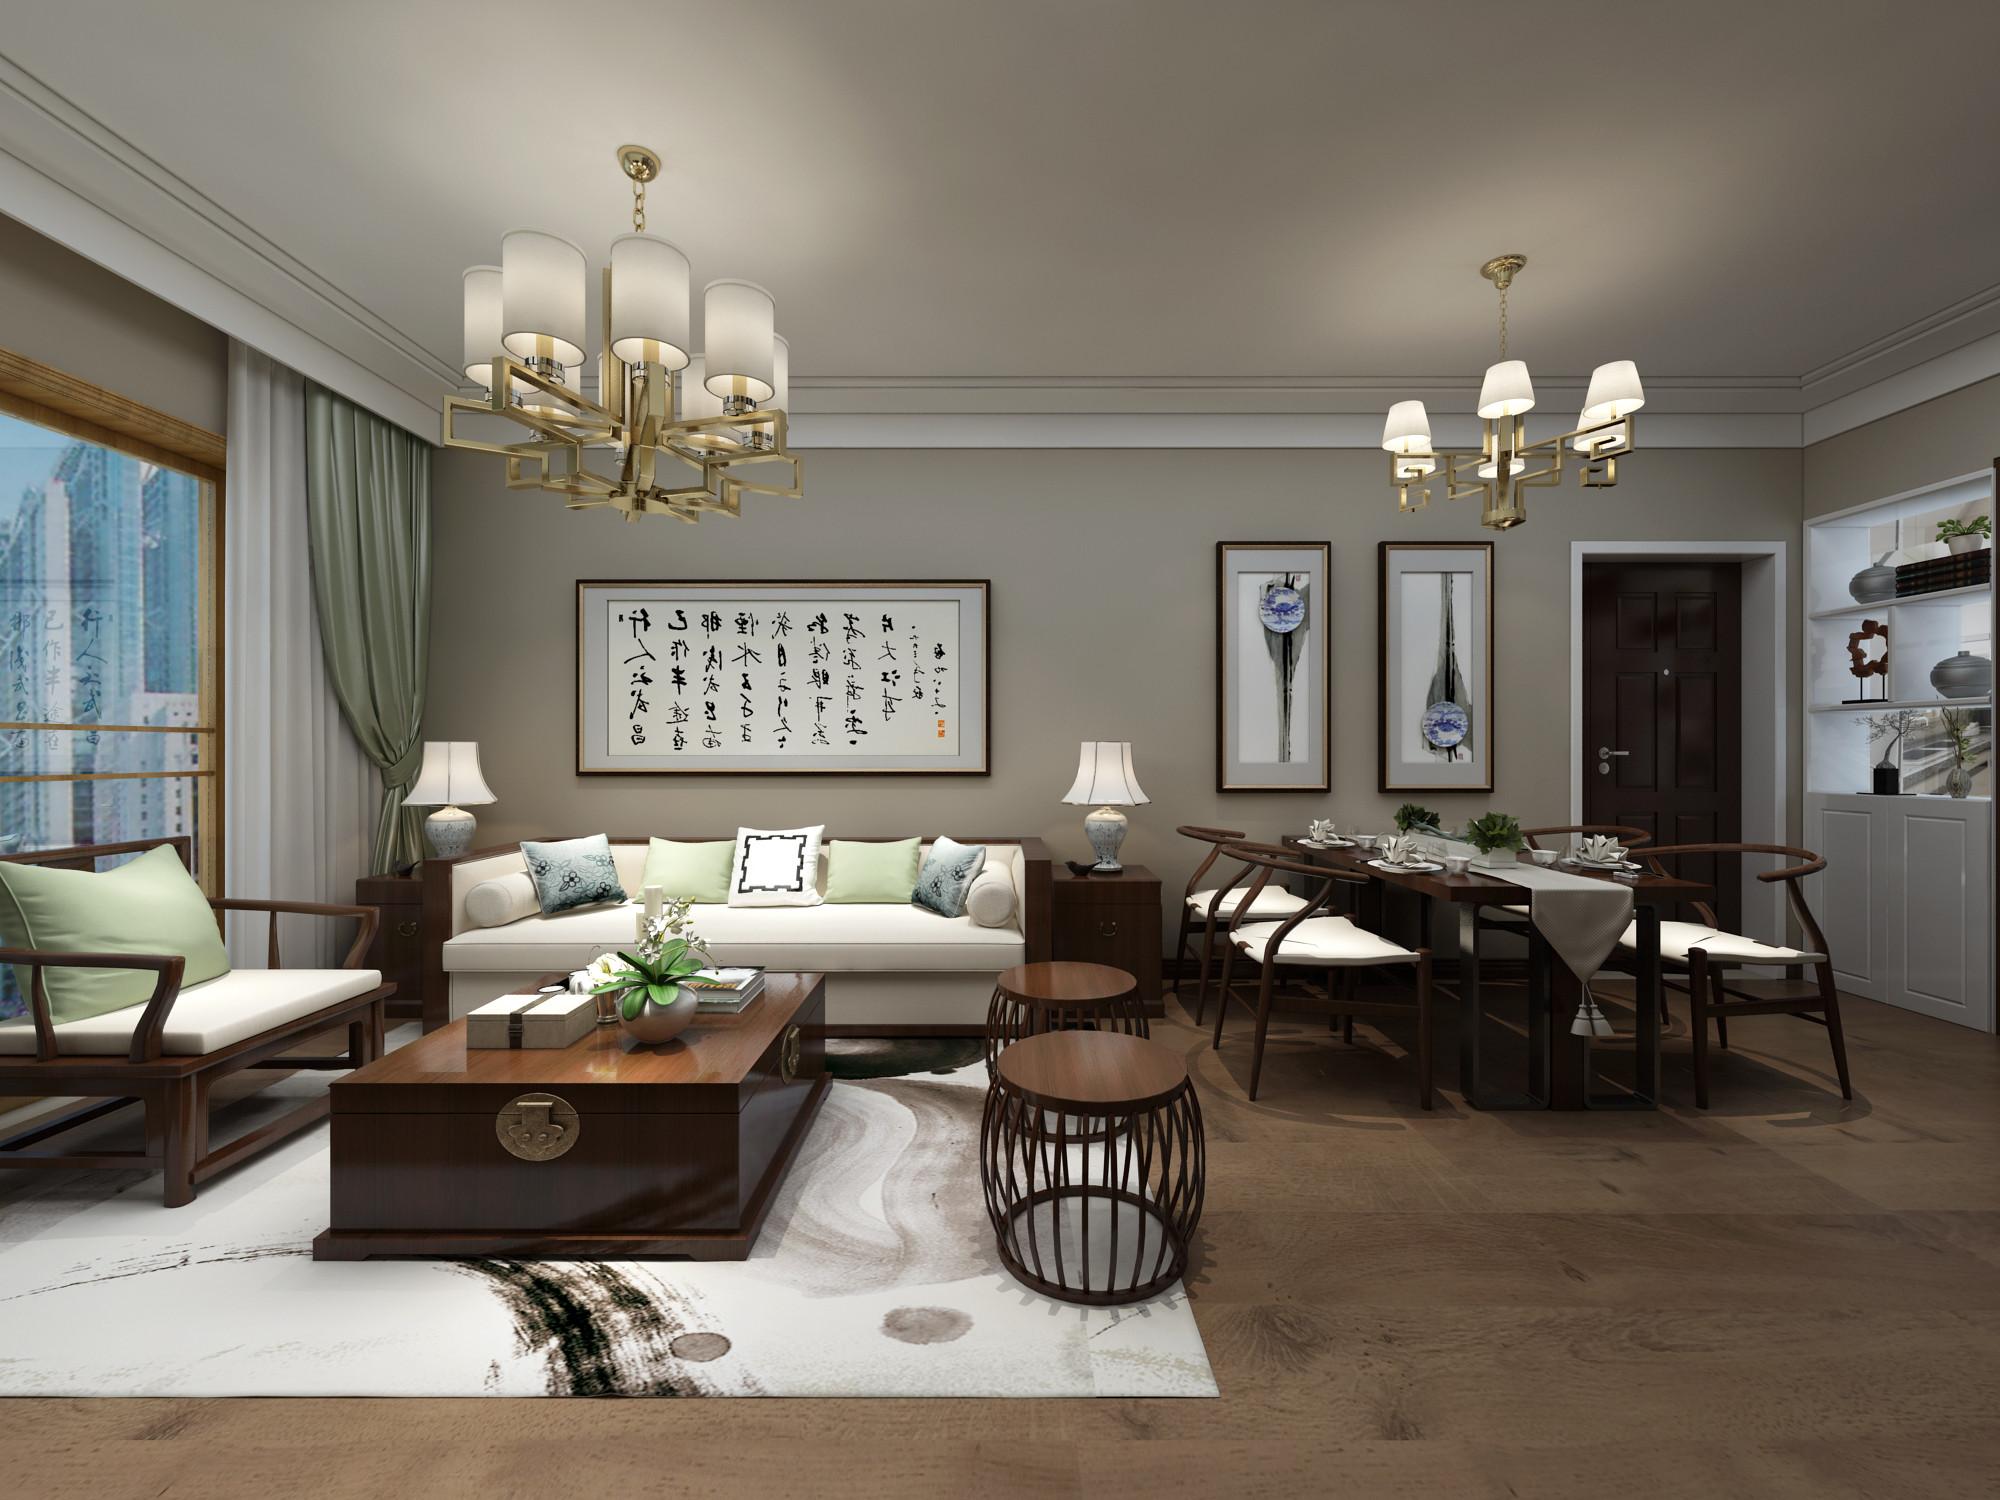 新中式装修沙发背景墙图片